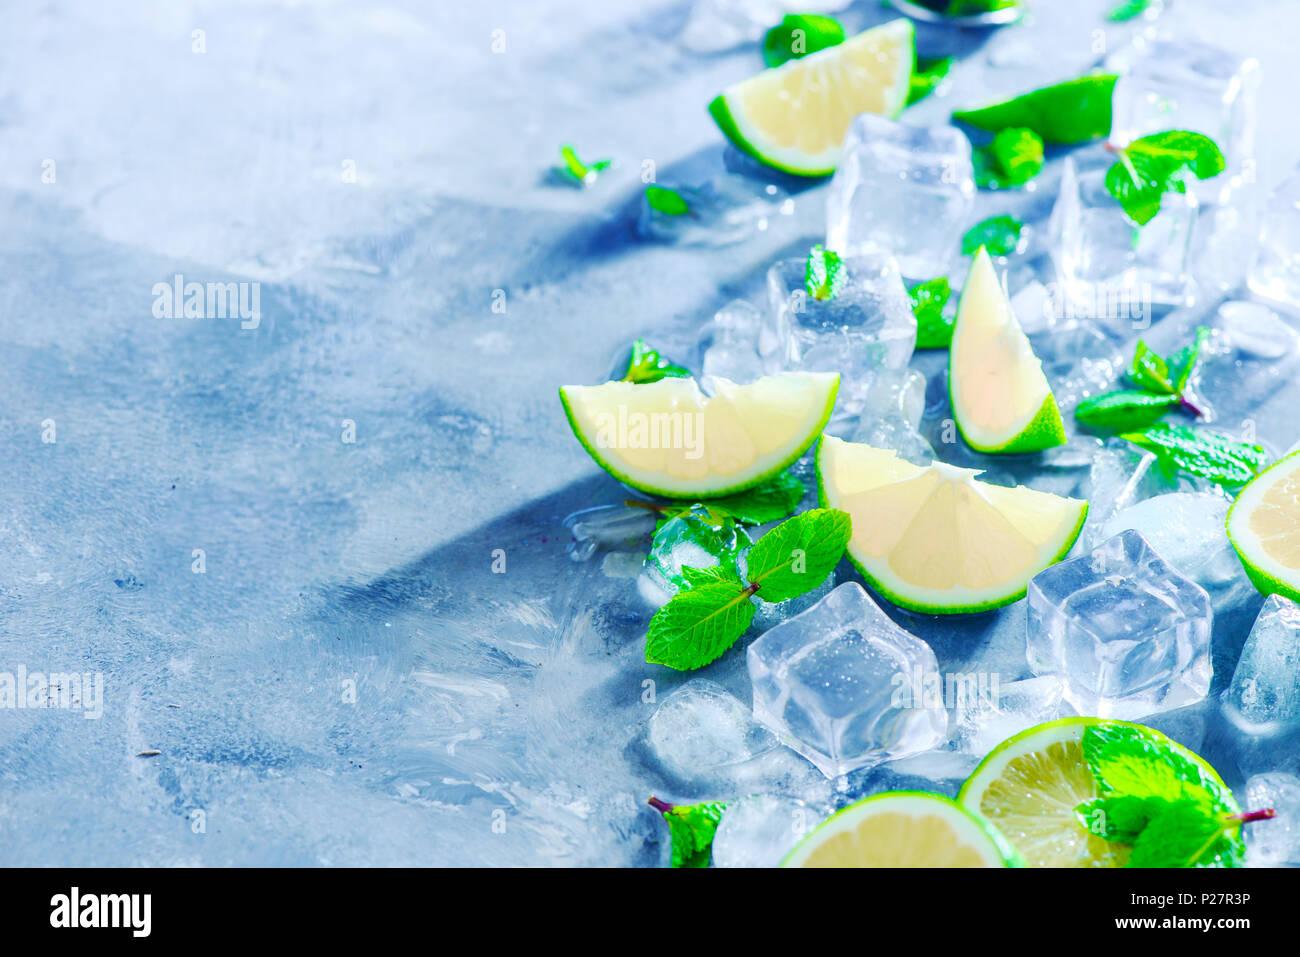 Menta, Limón y cubitos de hielo, cóctel mojito ingredientes cabezal con espacio de copia. Hacer bebidas de verano cerca. Luz solar y concepto de refrigerios. Foto de stock